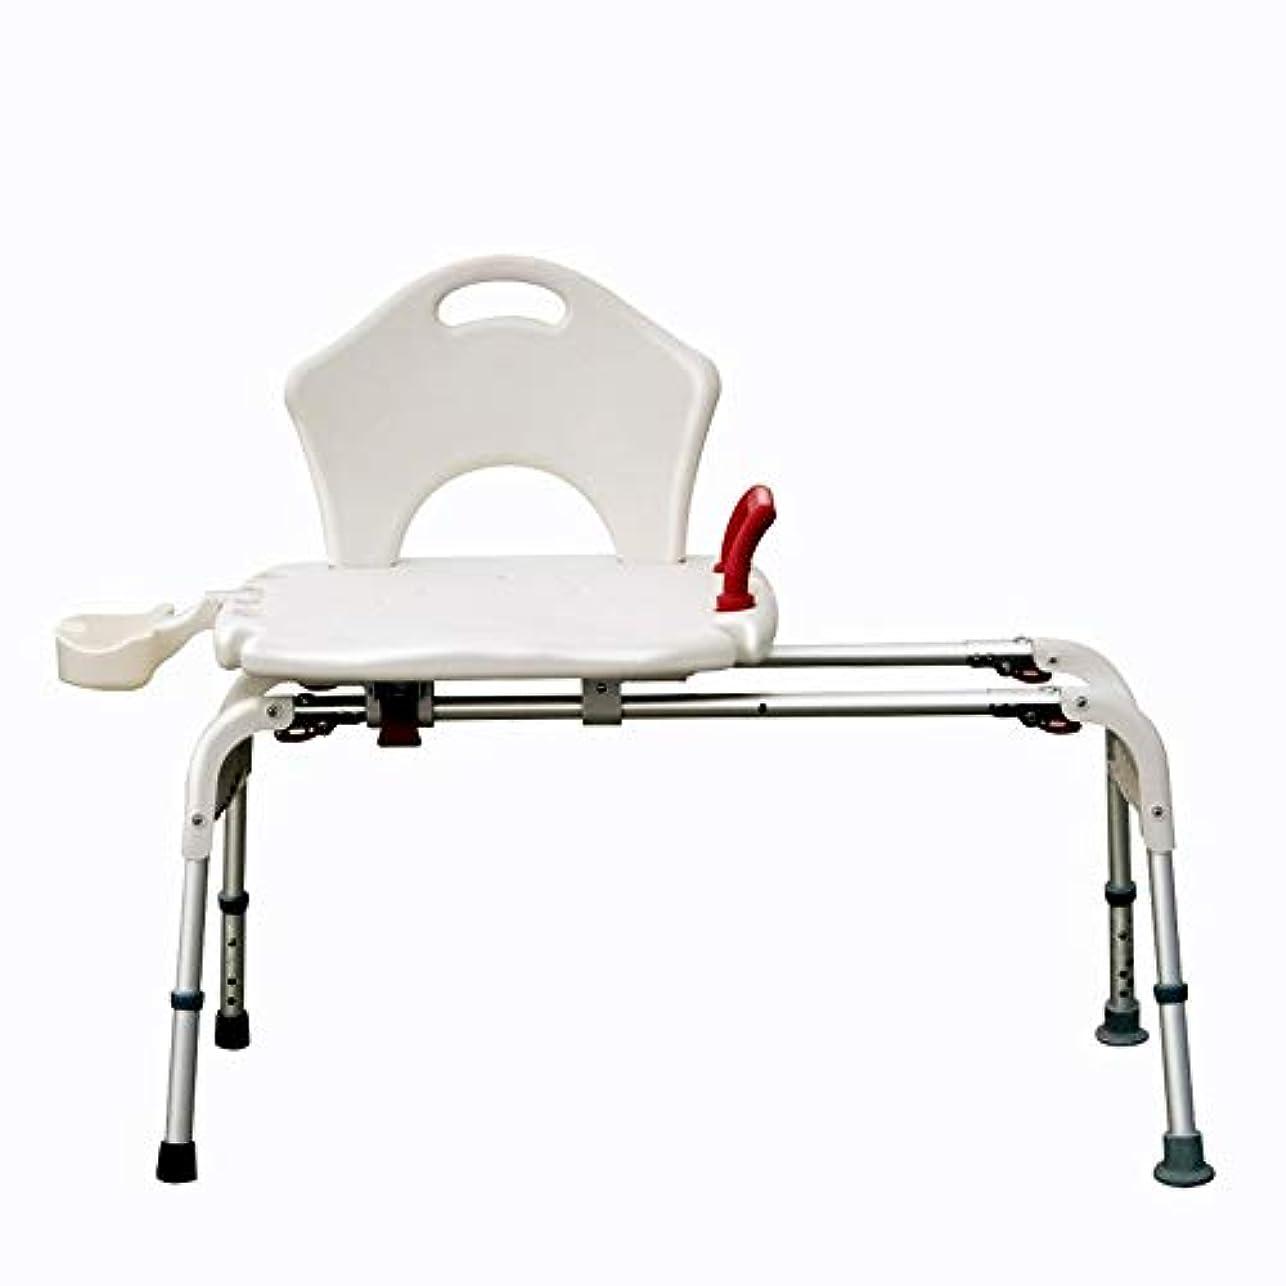 船尾大事にする平和的背部およびシャワー?ヘッドのホールダーが付いているデラックスな高さの調節可能なアルミニウムBath/シャワーの椅子